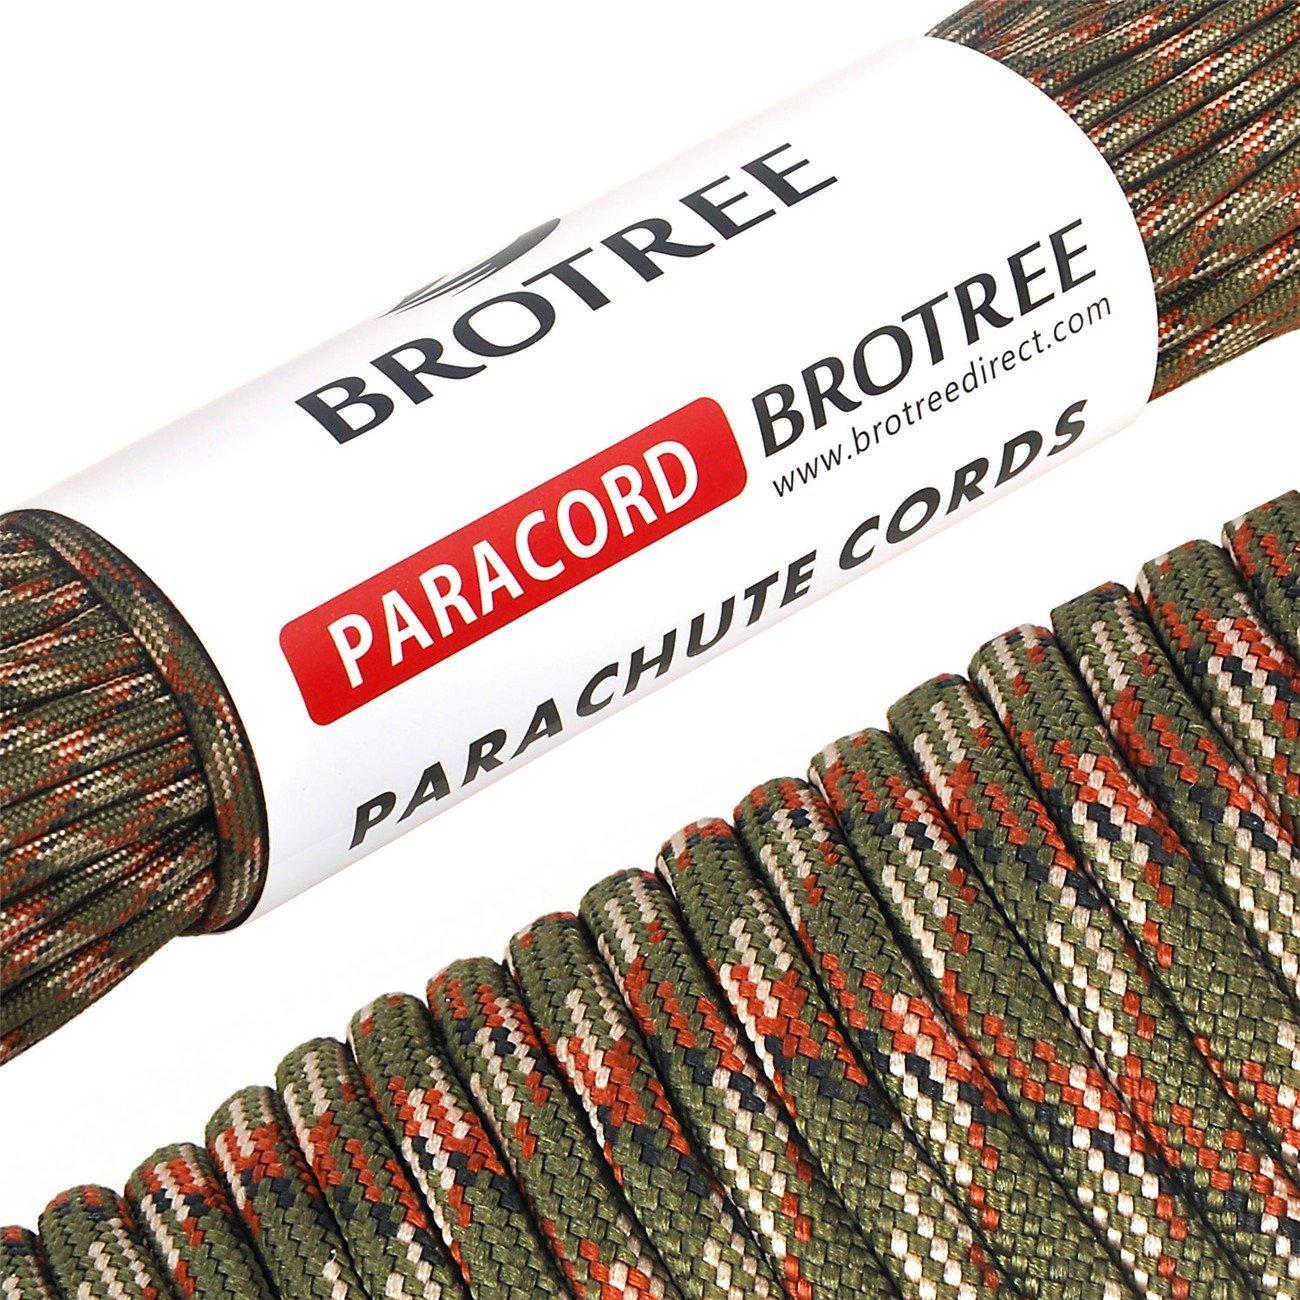 Brotree m Paracord Cuerda de Paracaídas de Nylon lbs Resistentes Hebras de